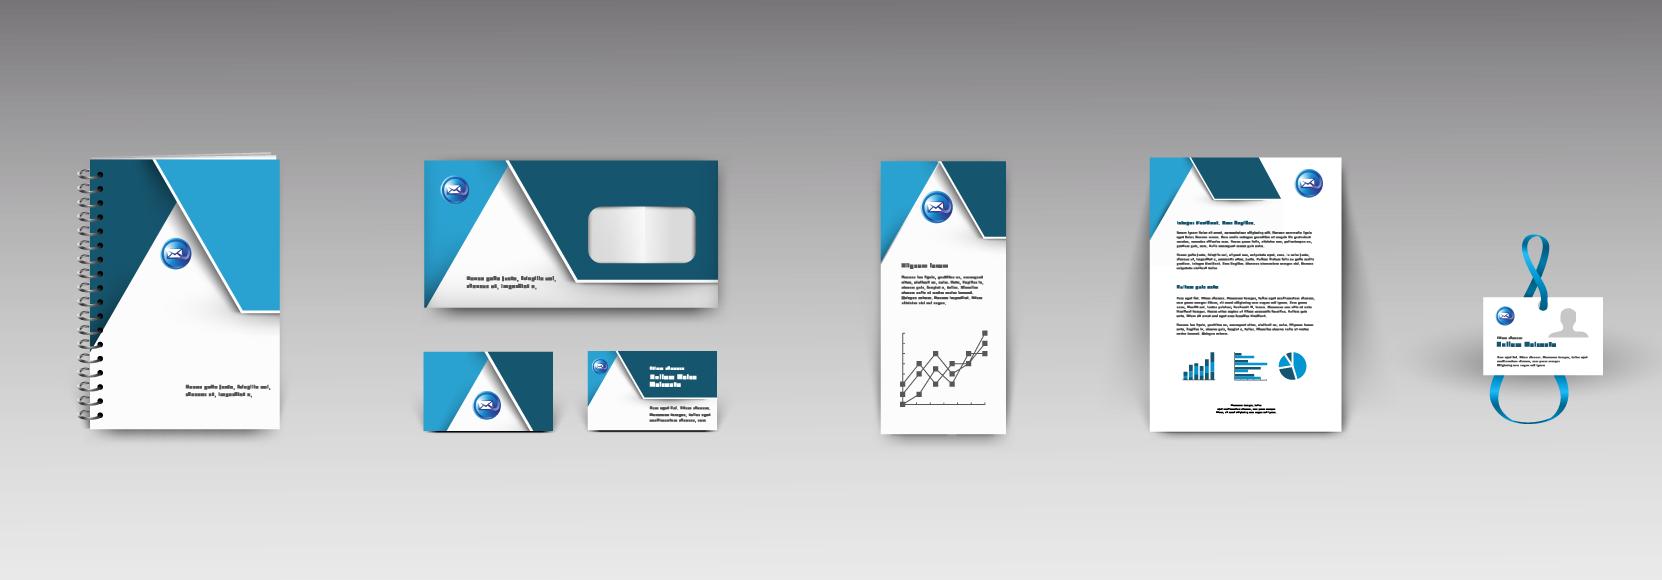 Online Druckerei Lettershop Und Mailings Wir Drucken Sie